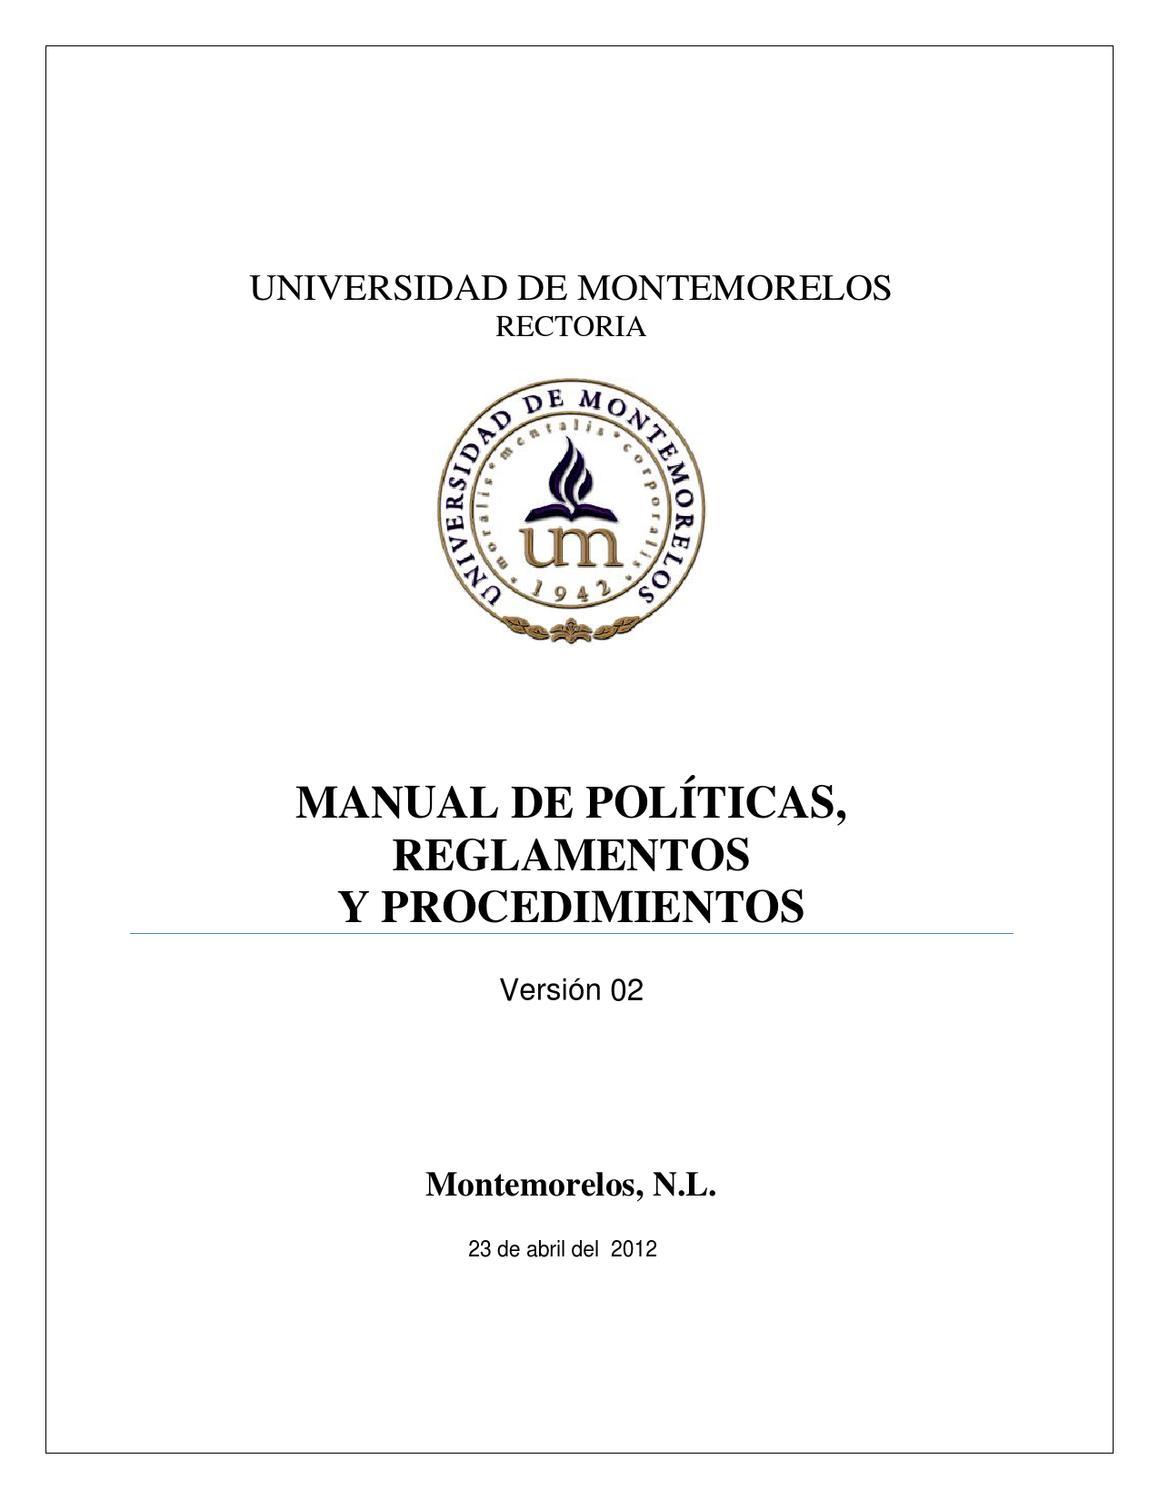 Manual de Políticas, Reglamentos y Procedimientos Institucionales ...